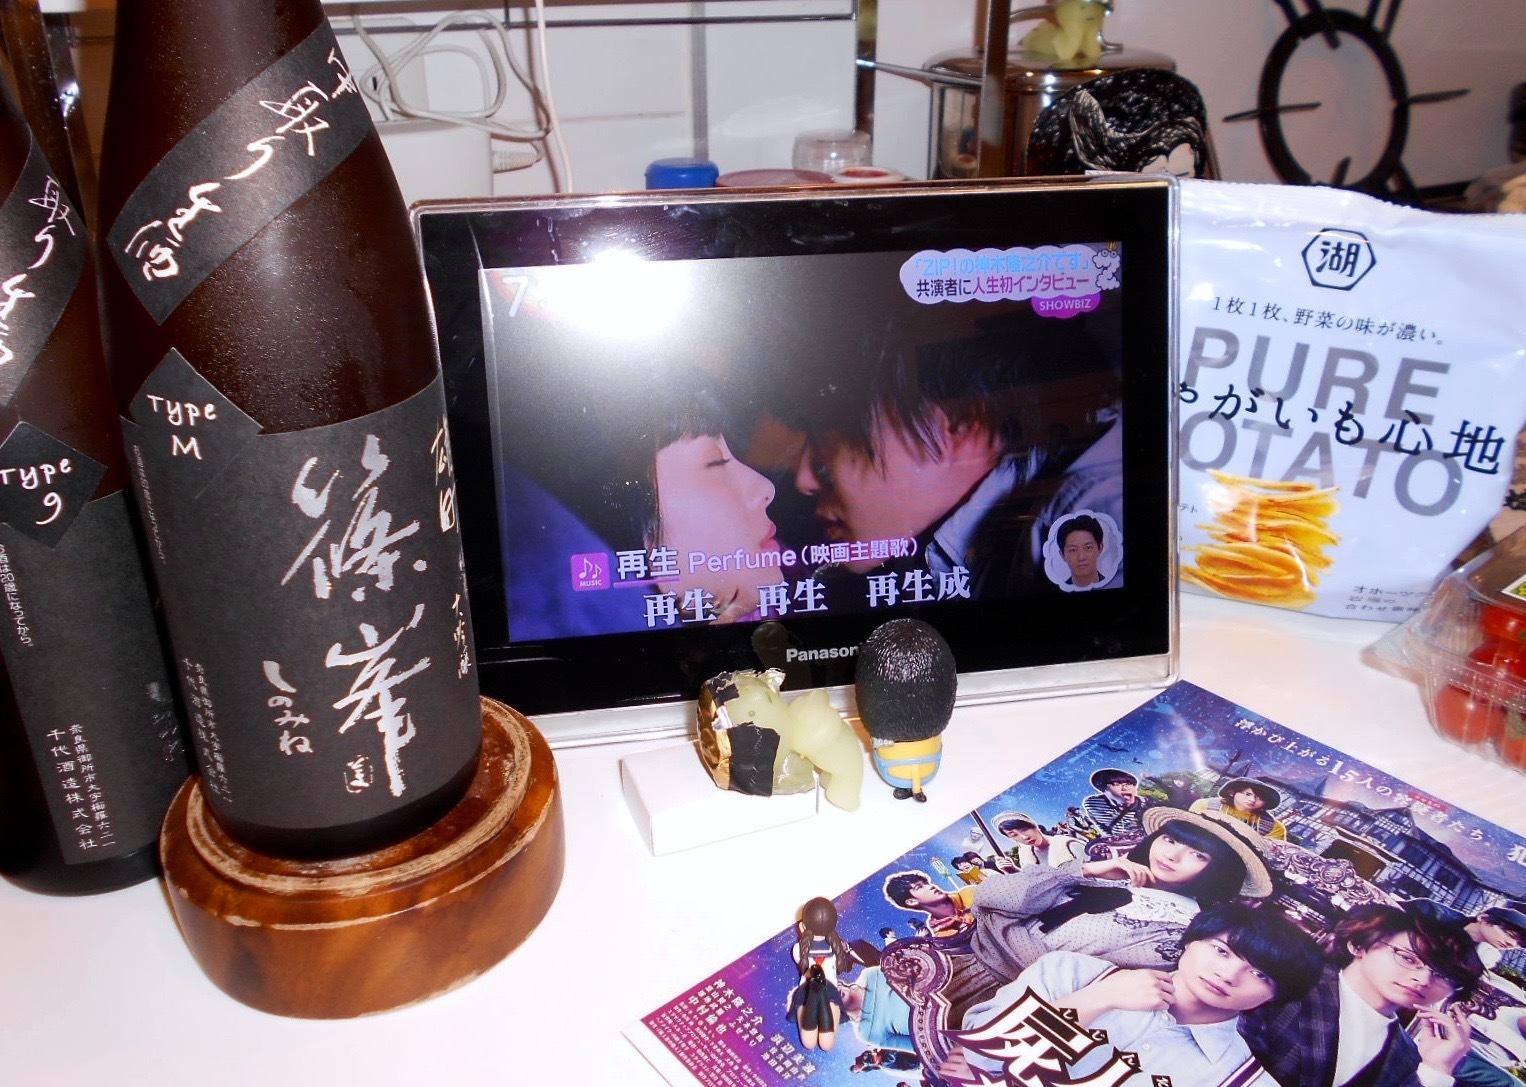 shinomine_type_m30by2_1.jpg